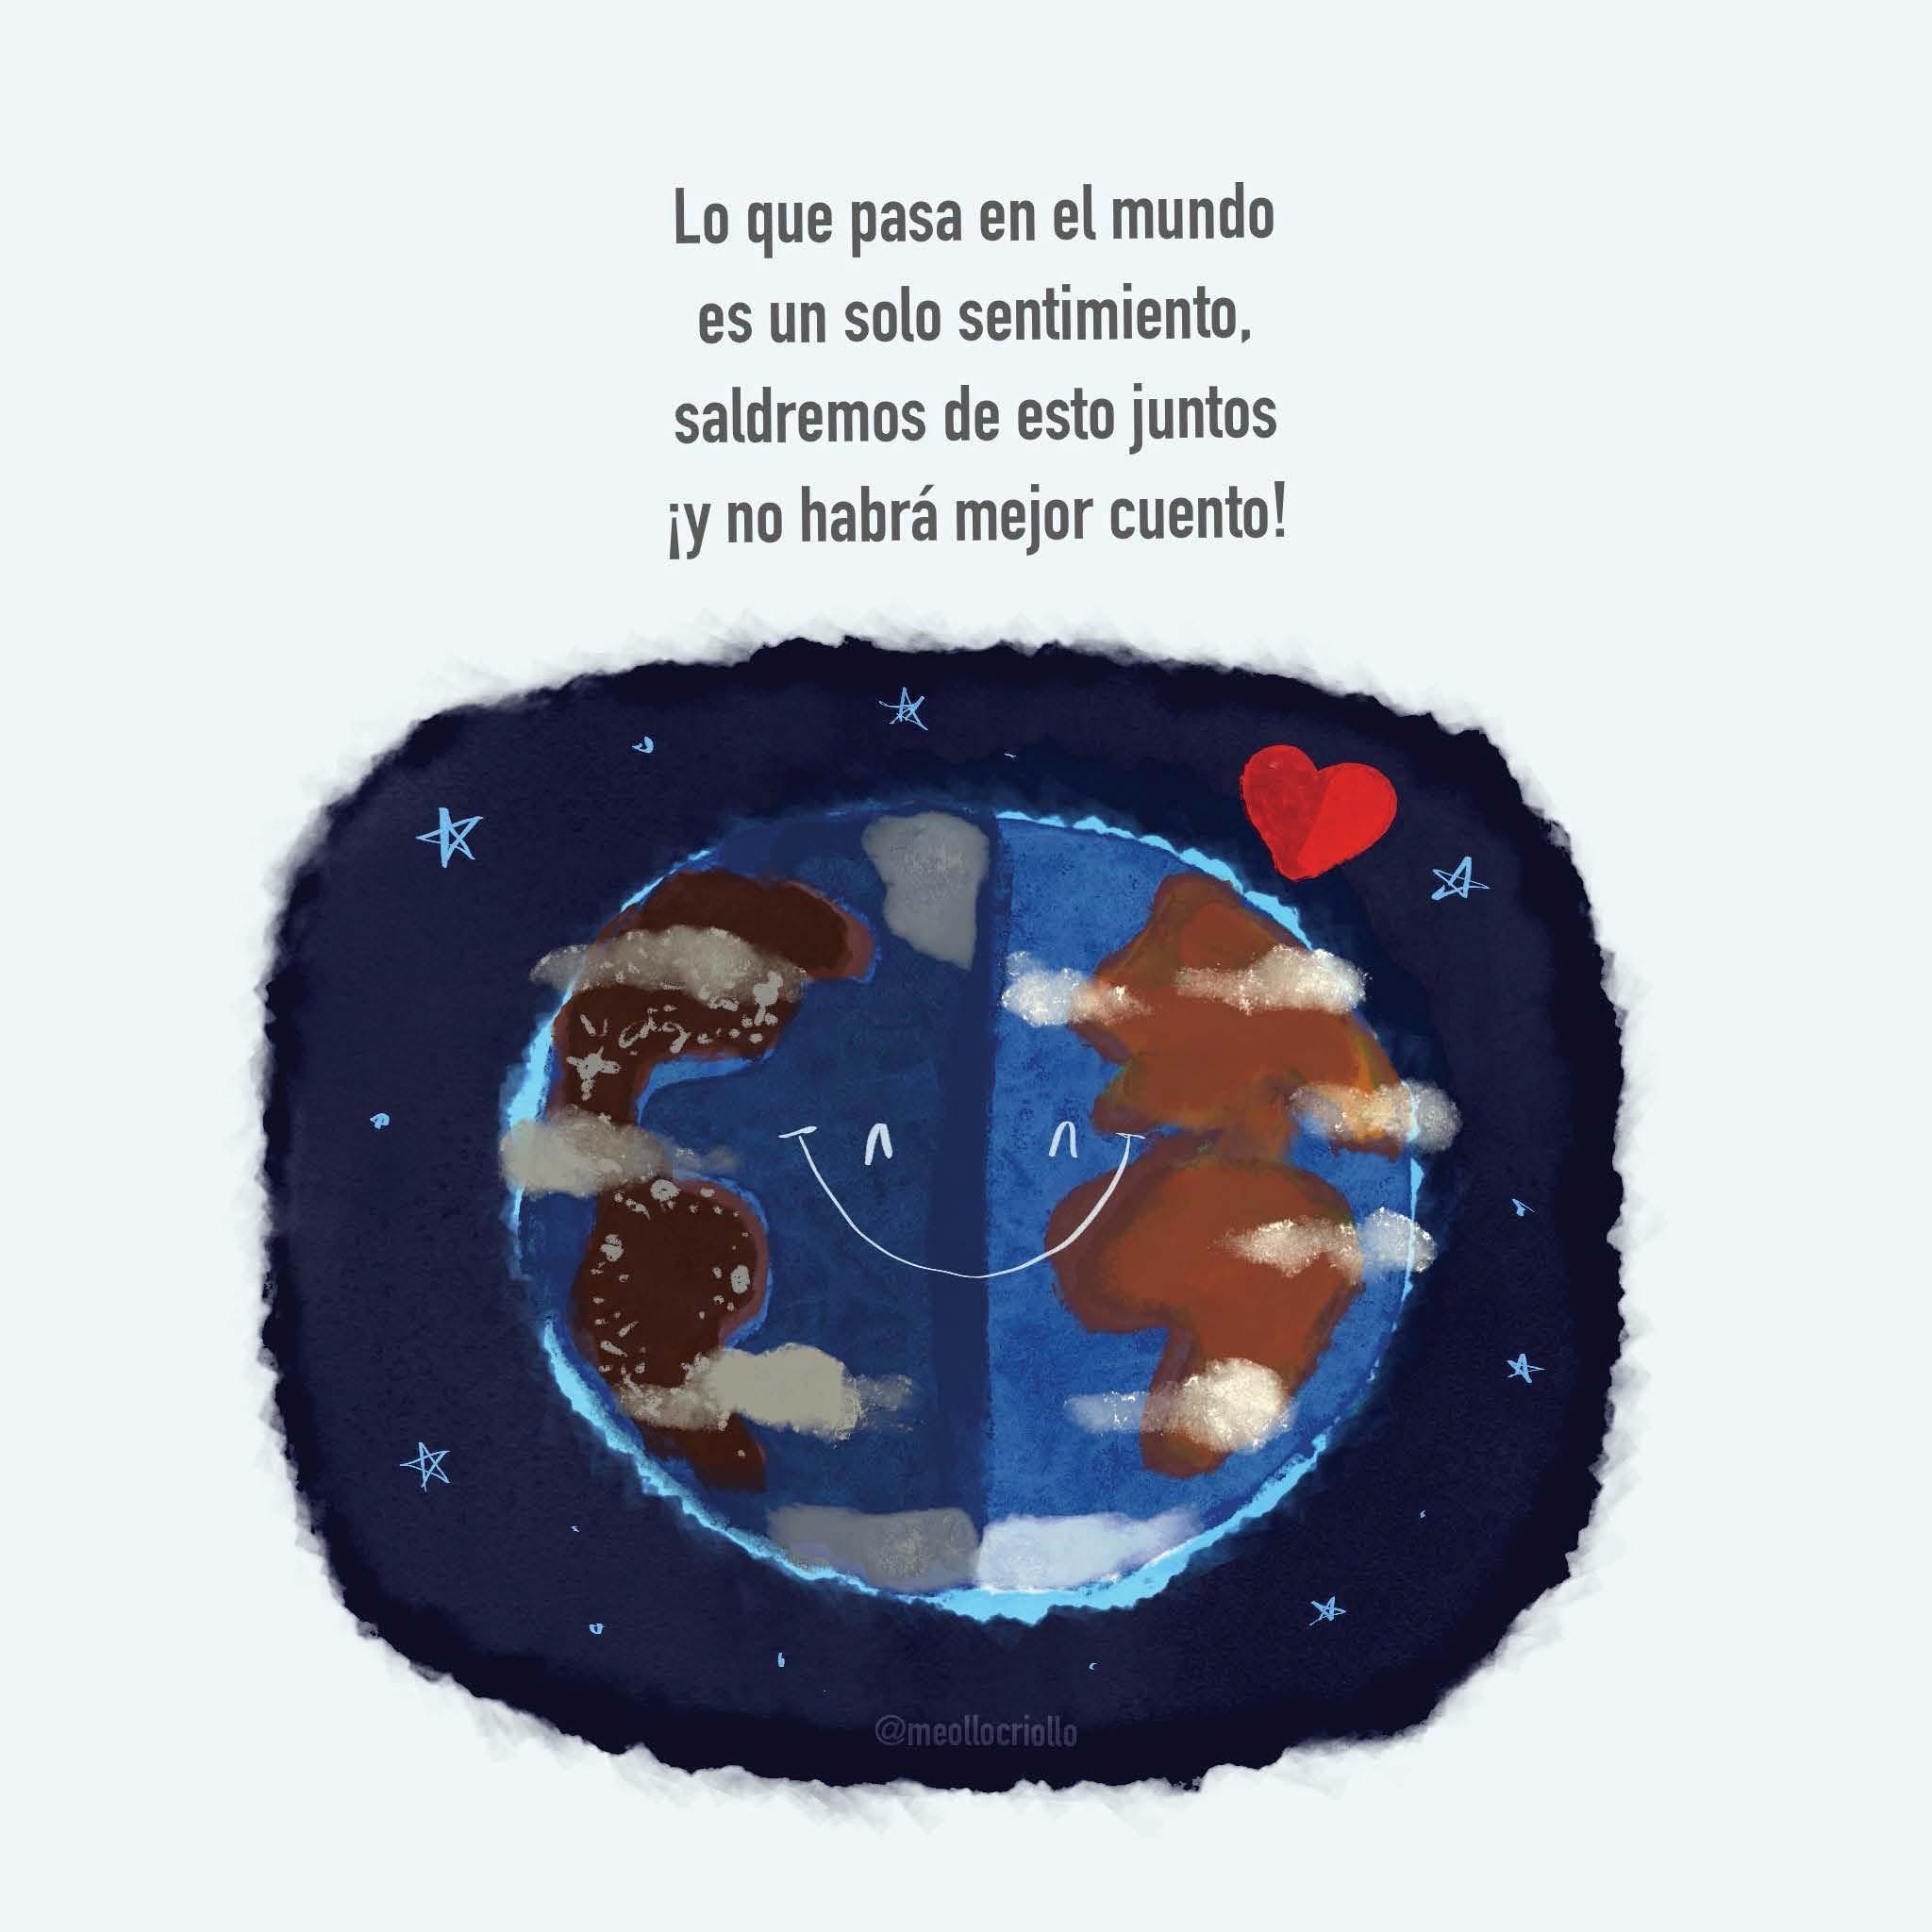 QuePasaEnElMundo_Page_10